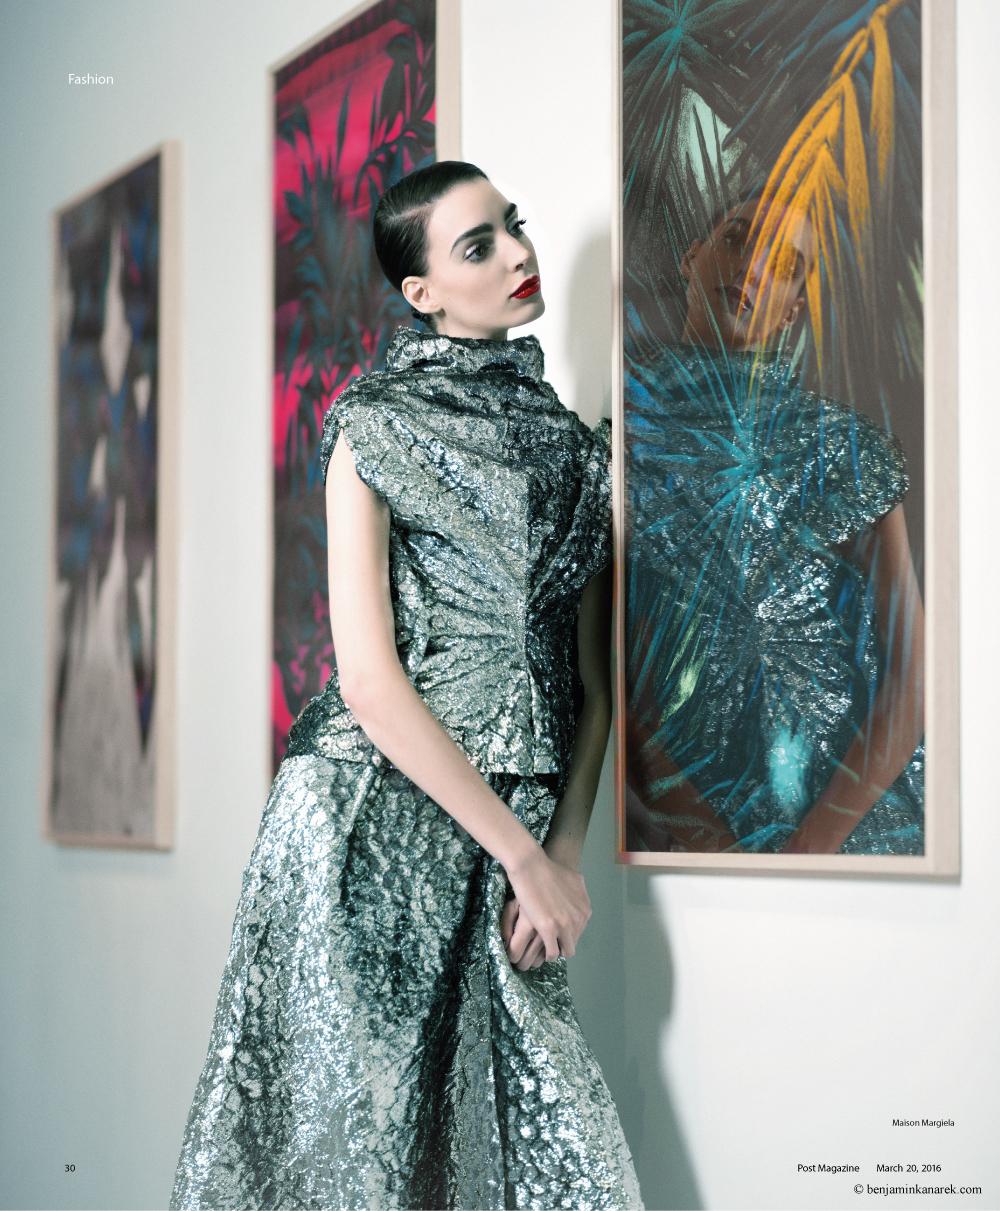 Dajana Antic in Maison Margiela Haute Couture © Benjamin Kanarek